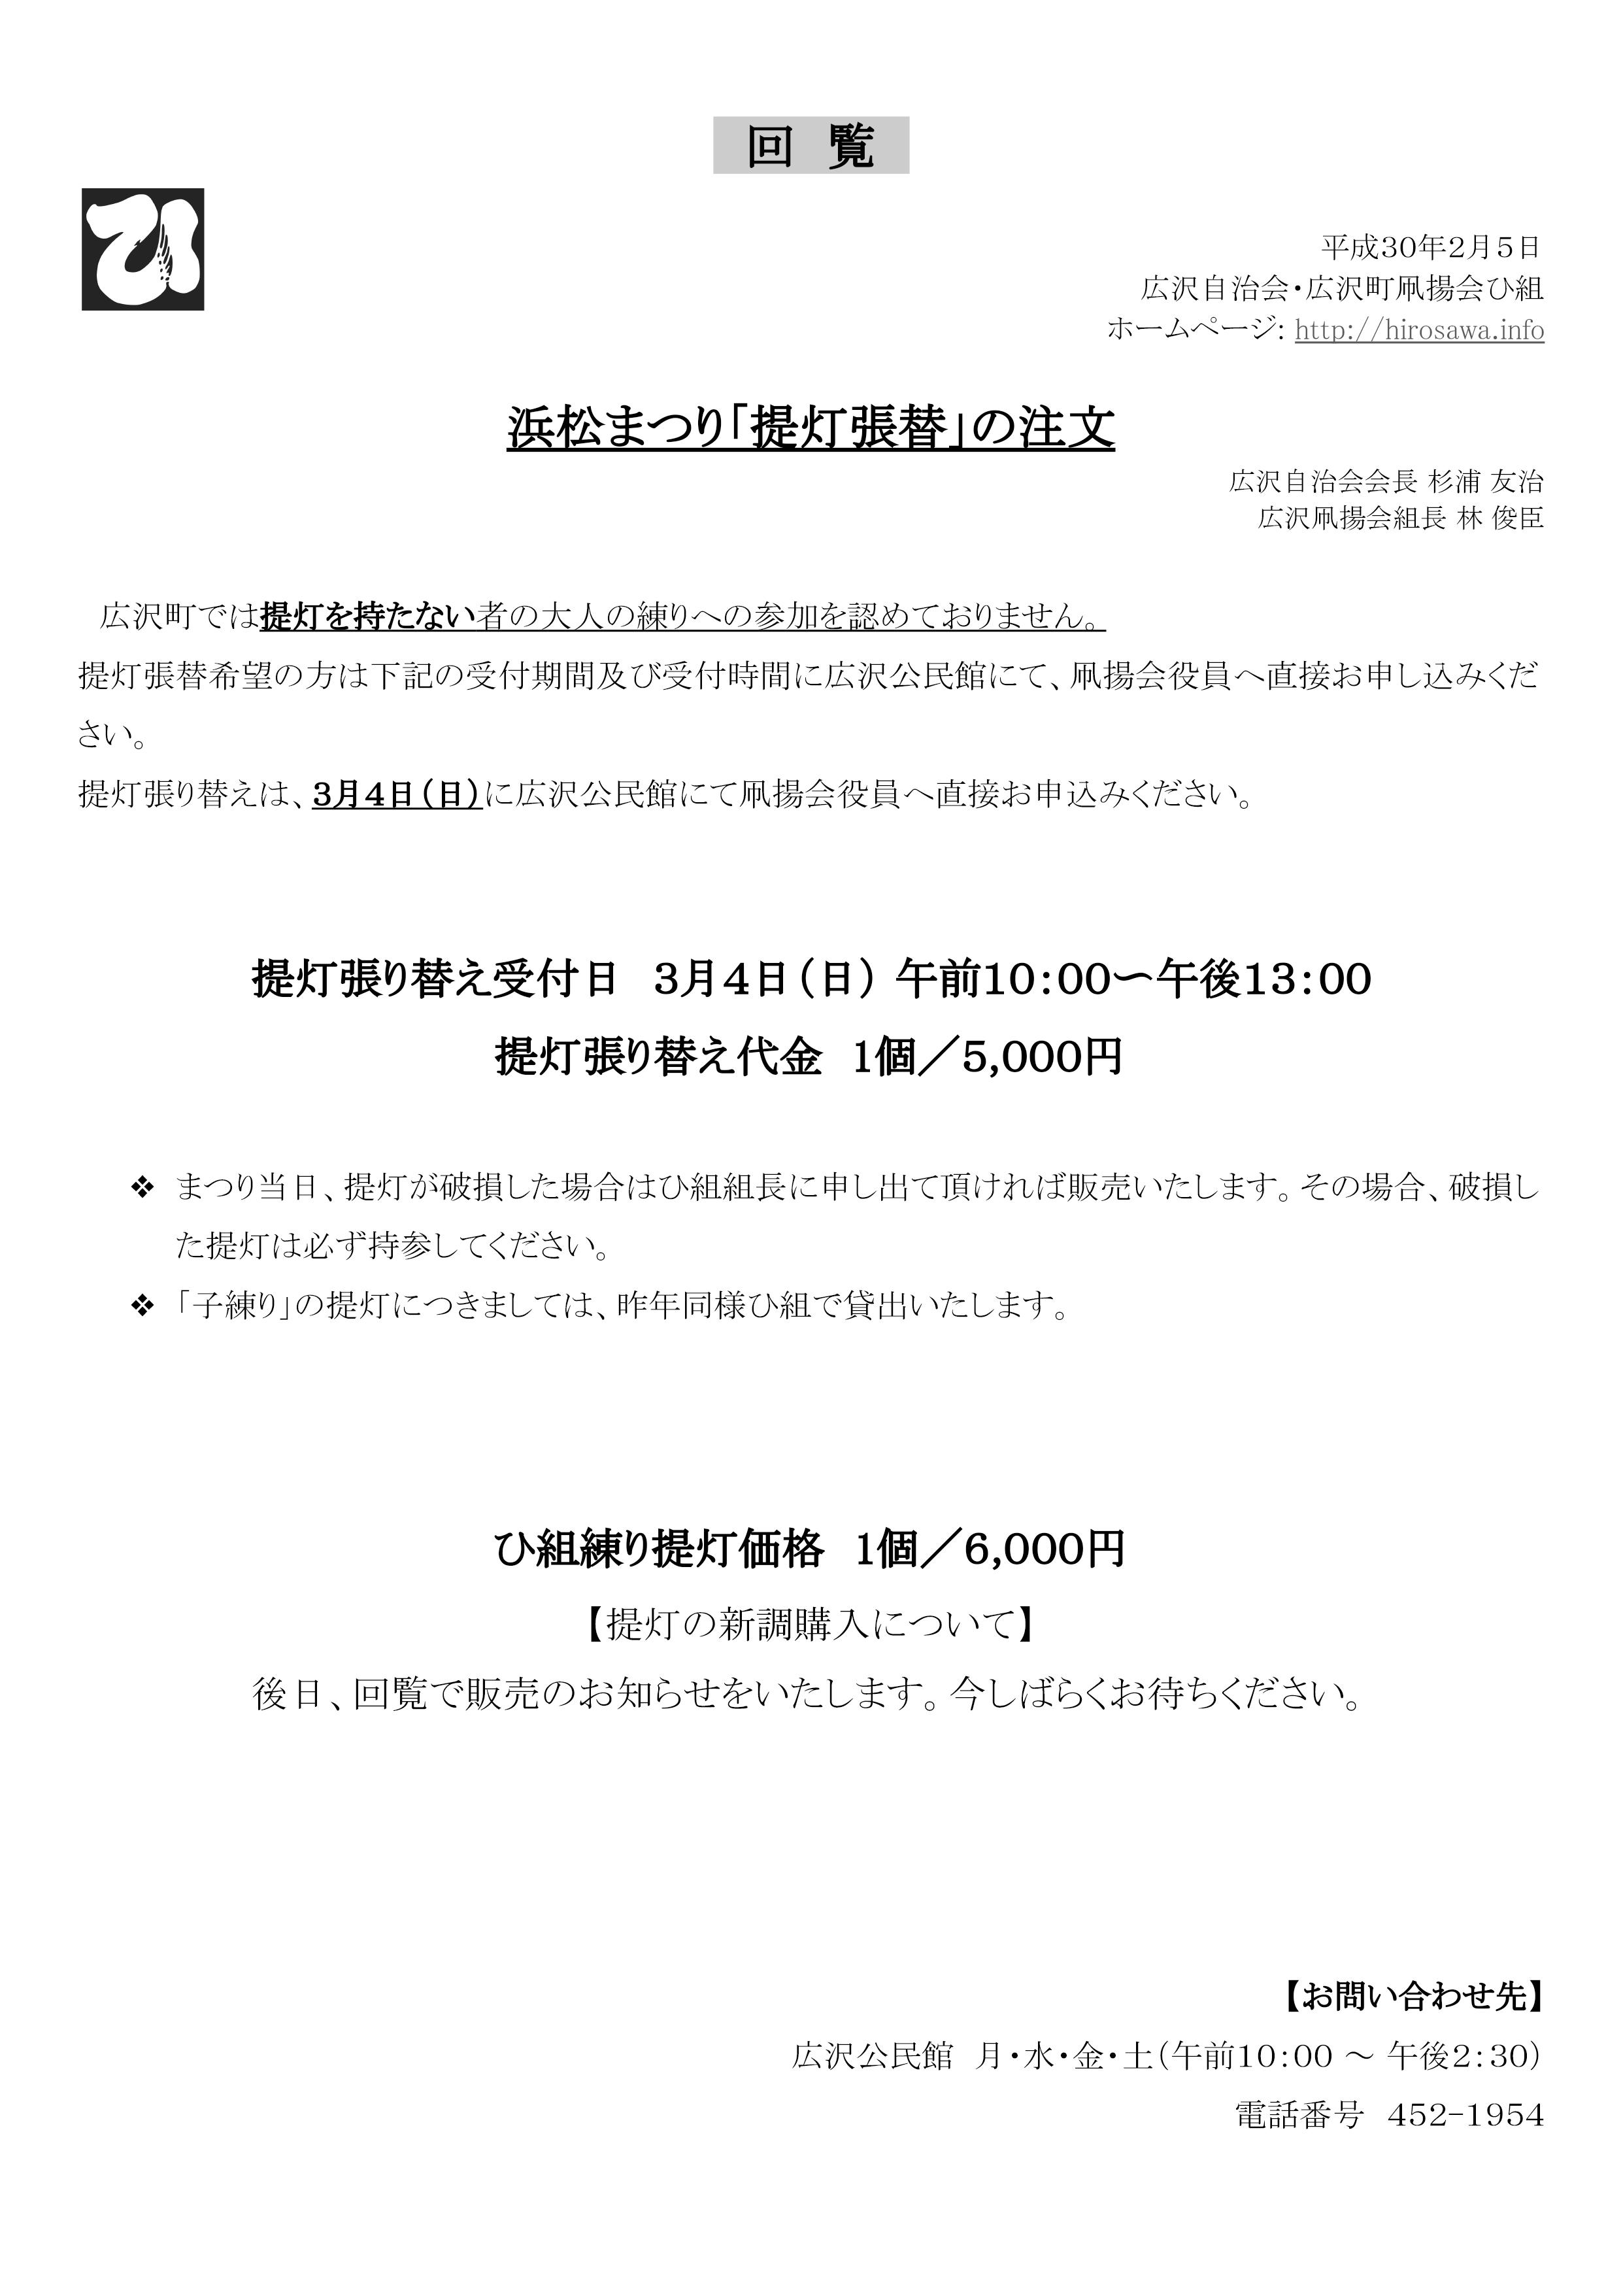 【回覧】浜松まつり「提灯張替」の注文